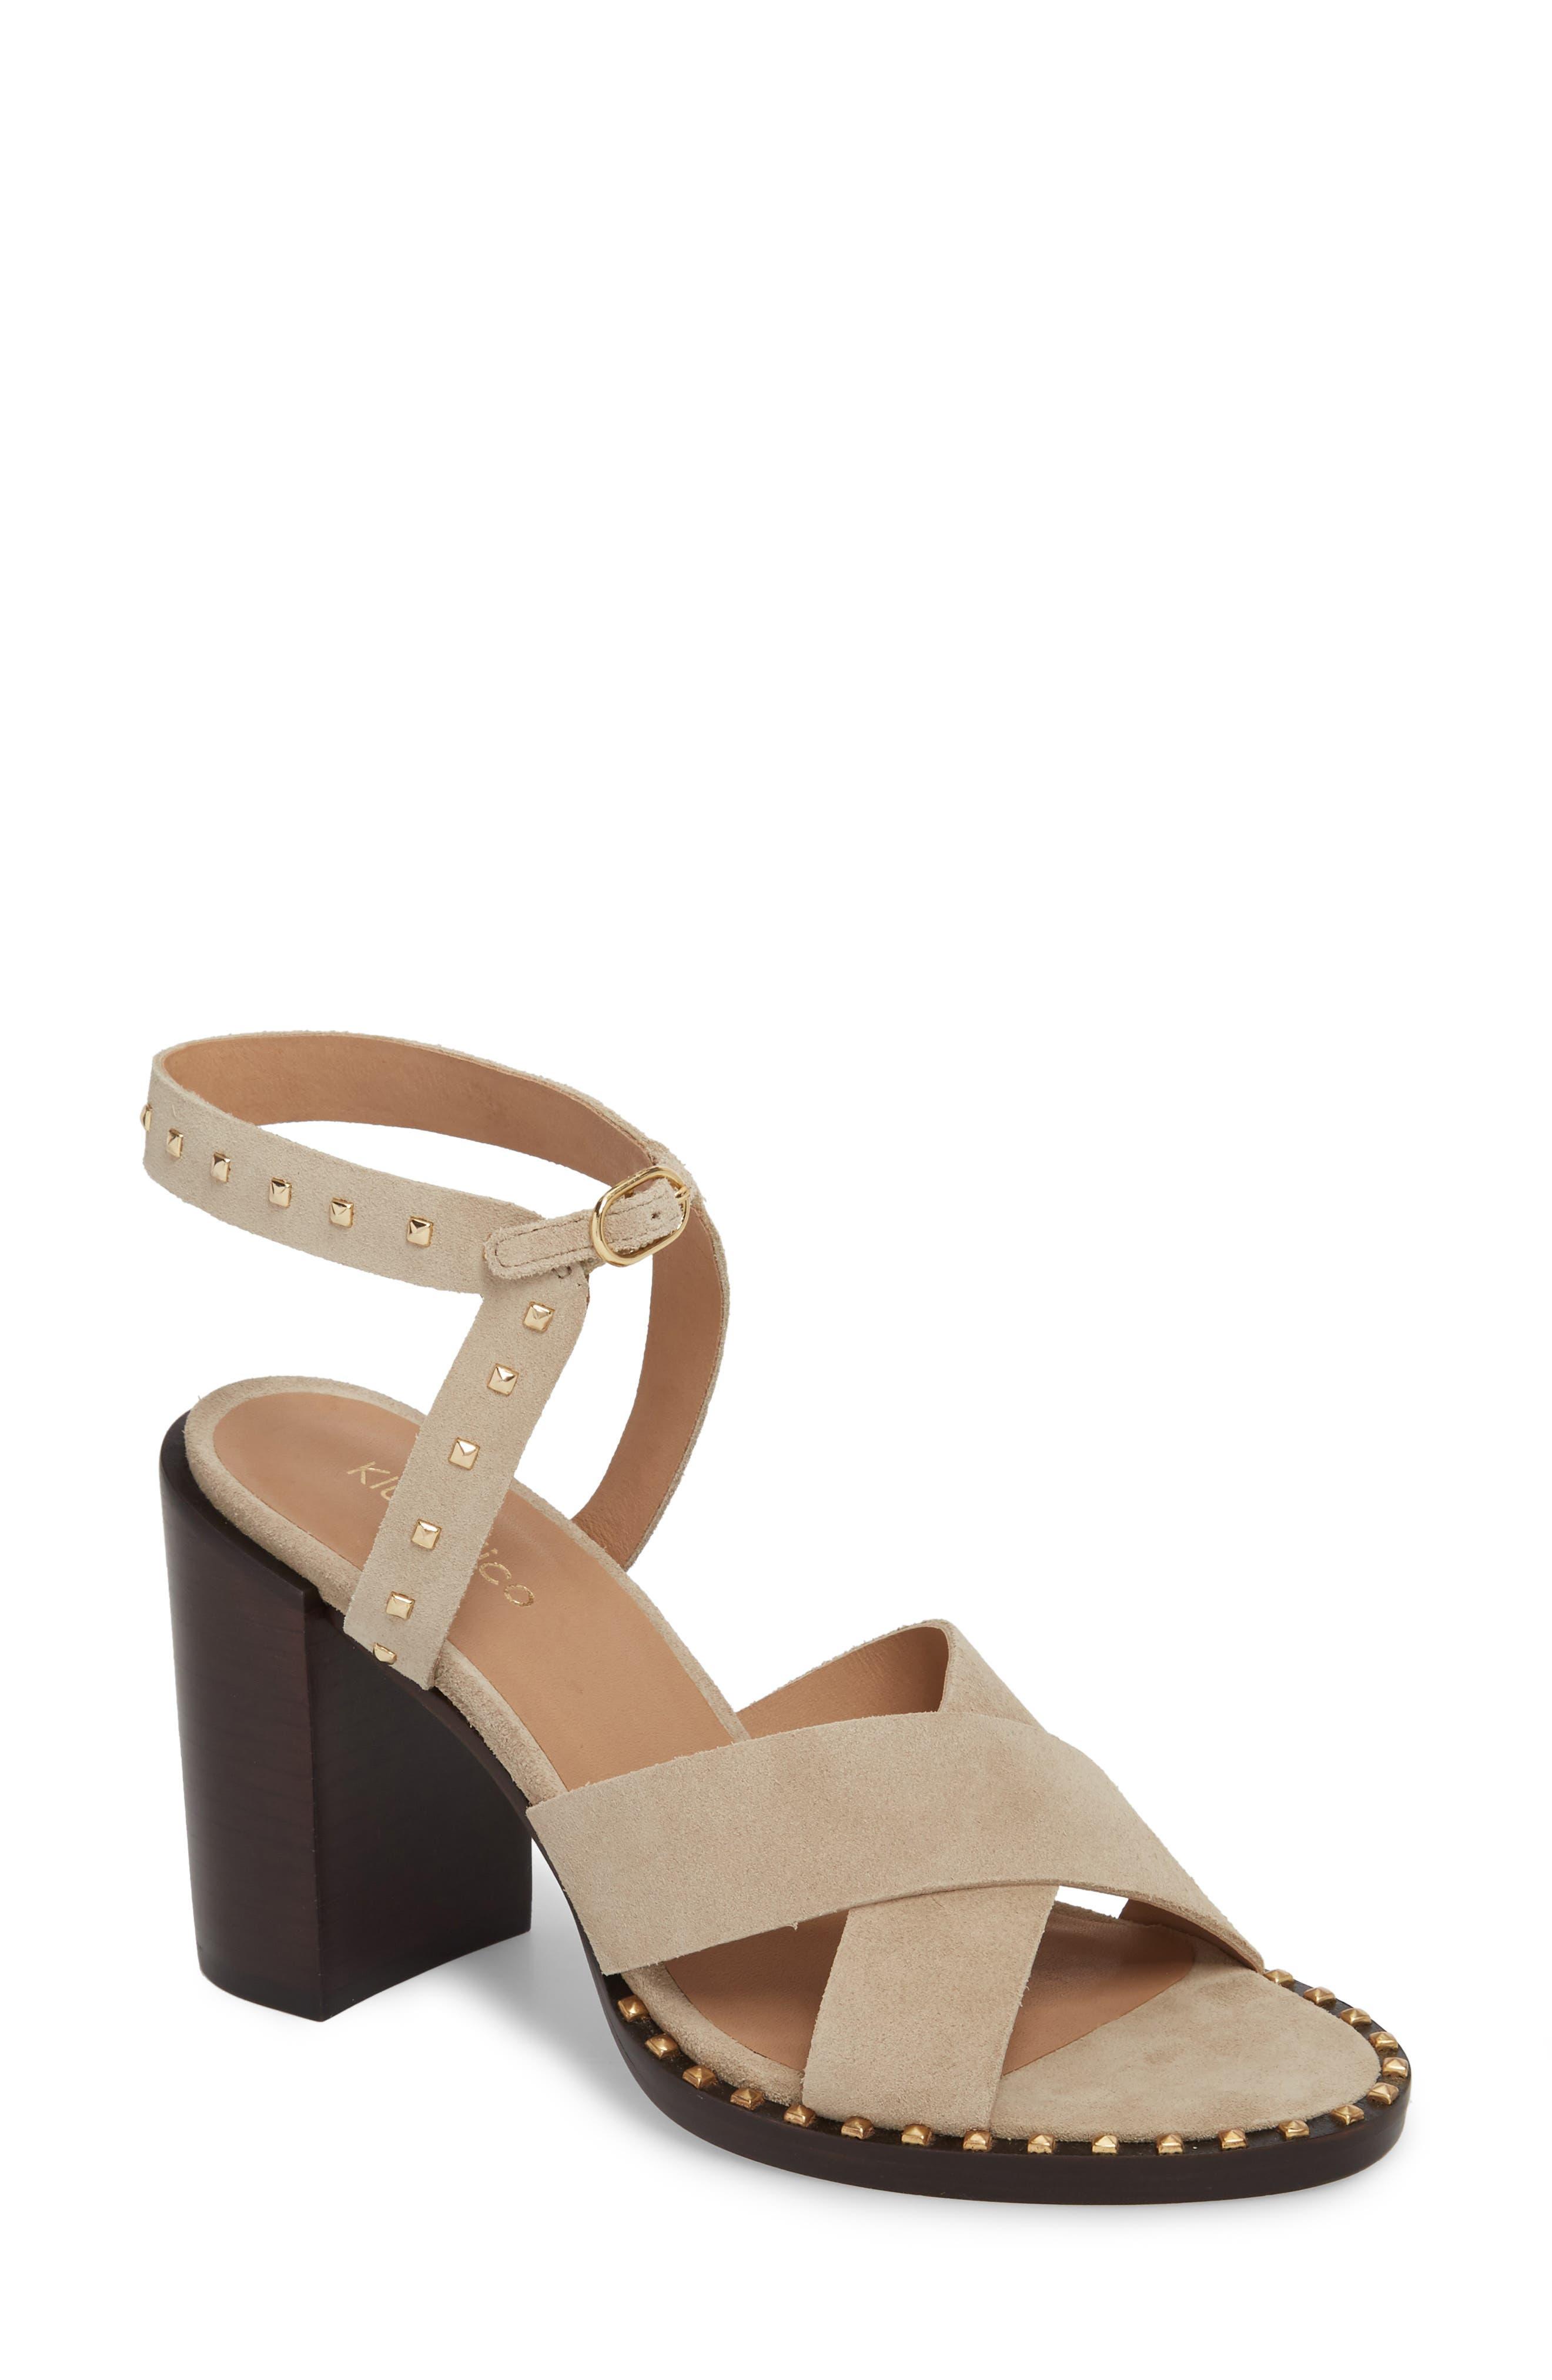 Tabia Sandal,                         Main,                         color, LINEN SUEDE